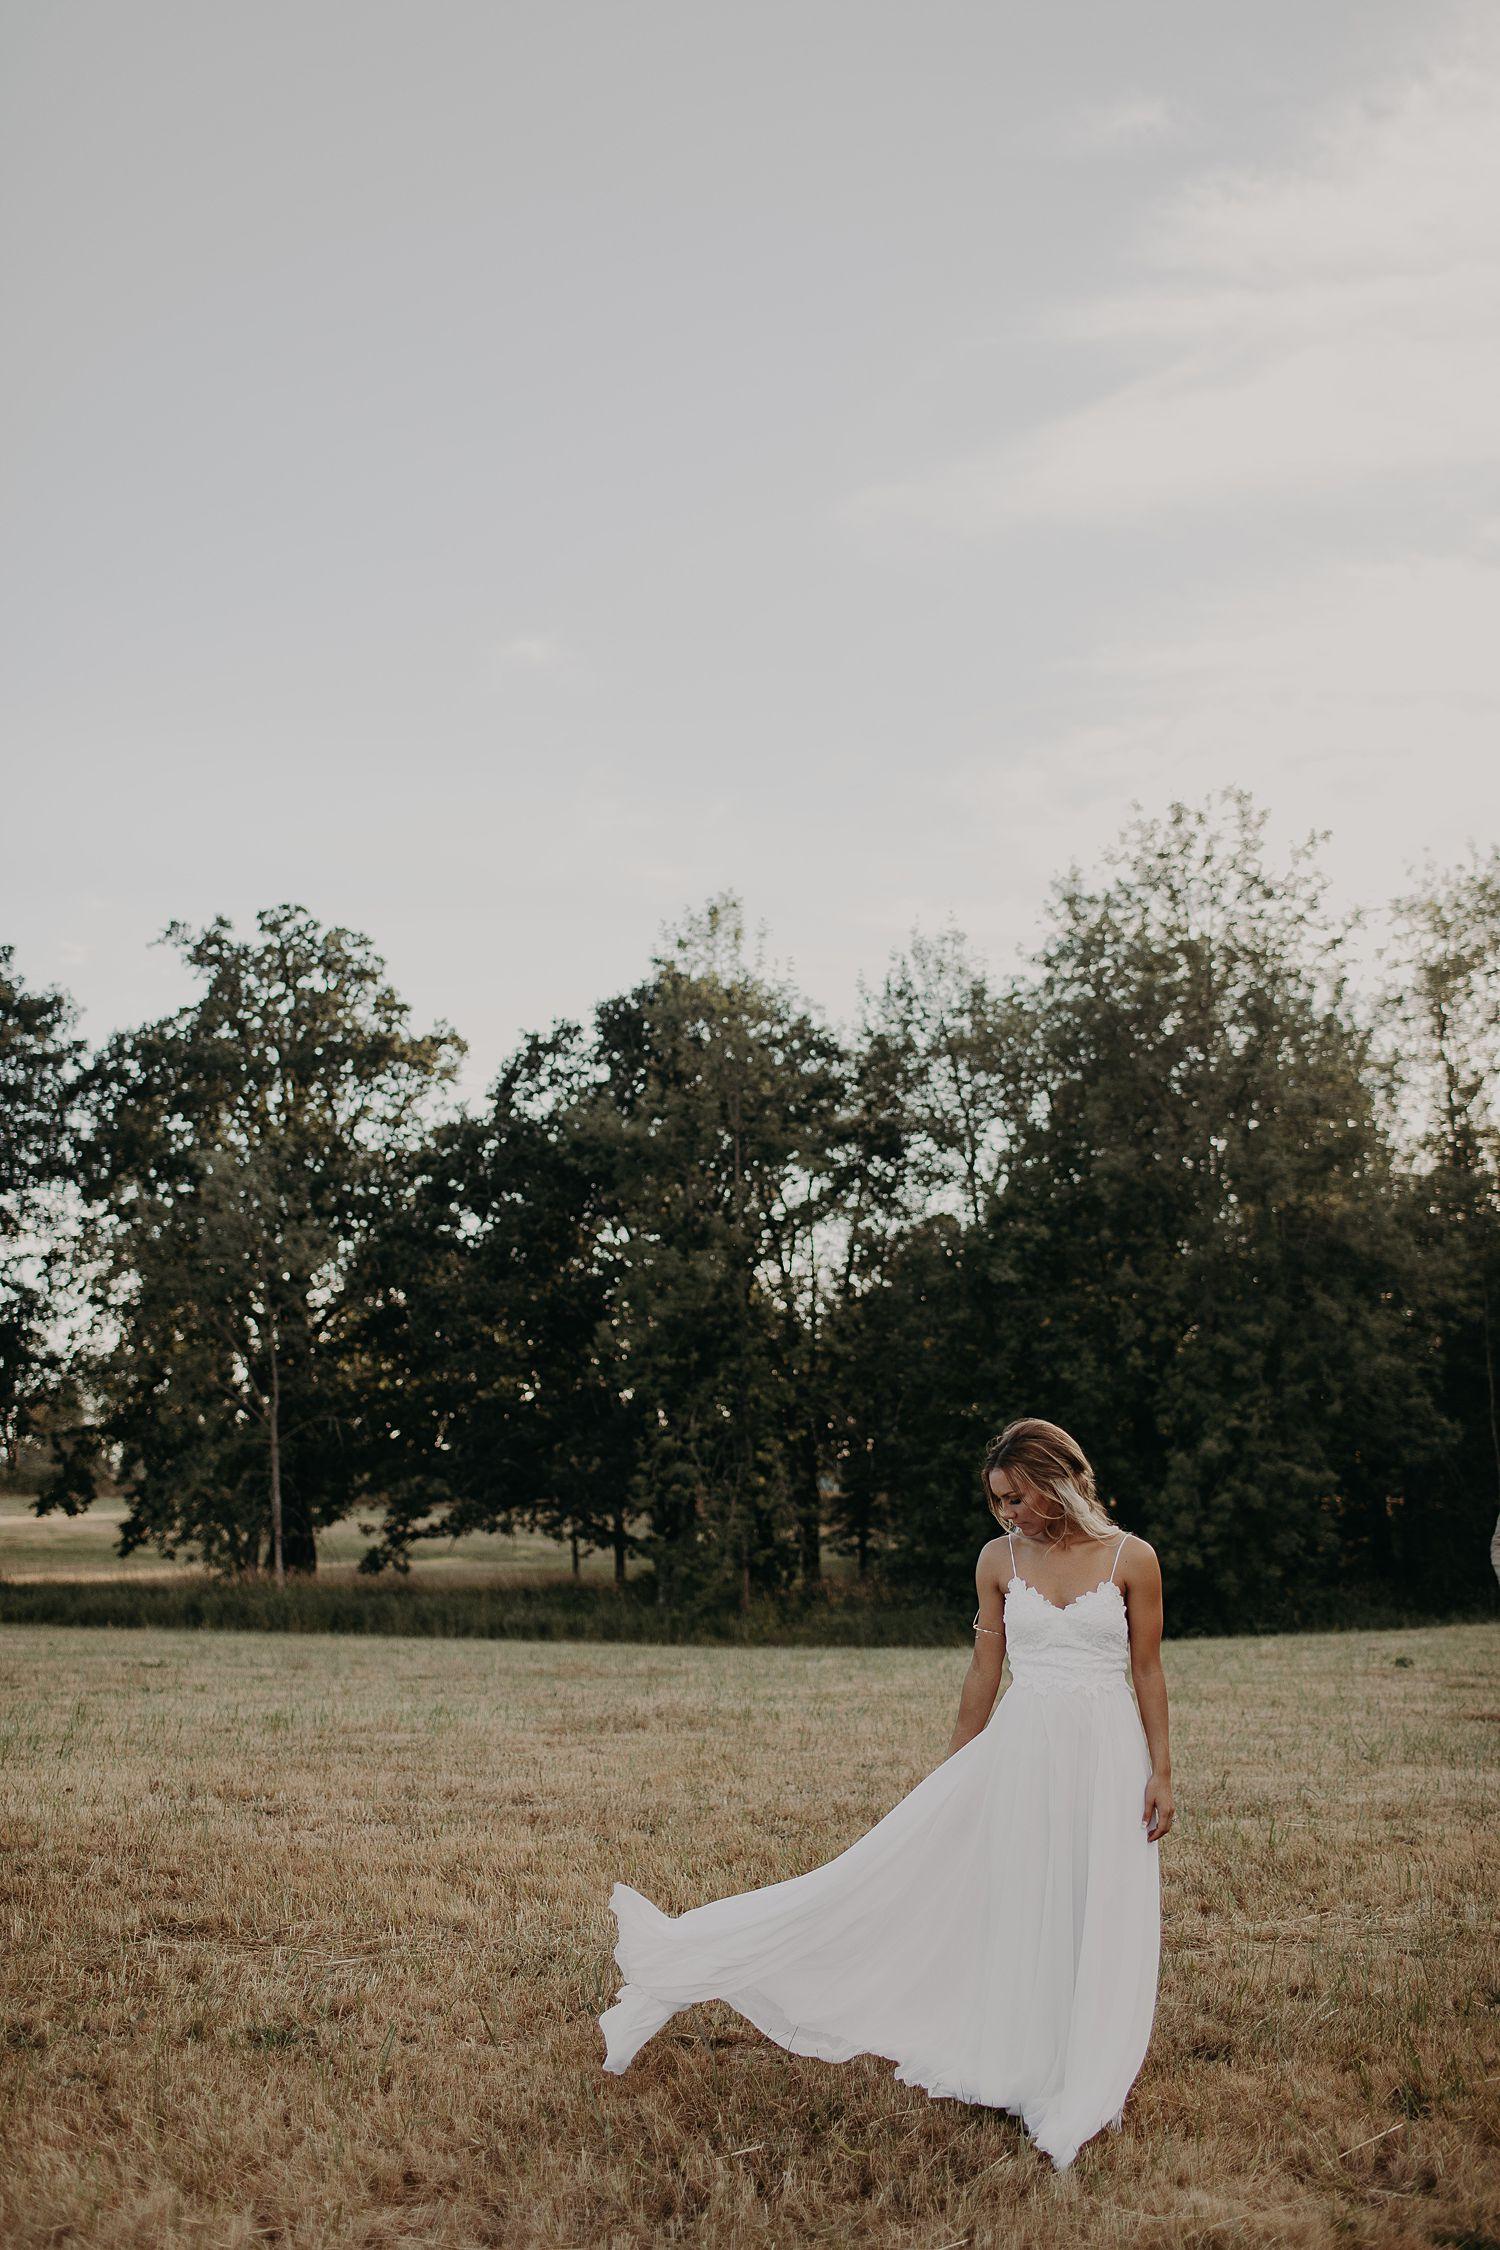 Genna-Dante-Washington-Wedding-July-14th_2018_0373.jpg